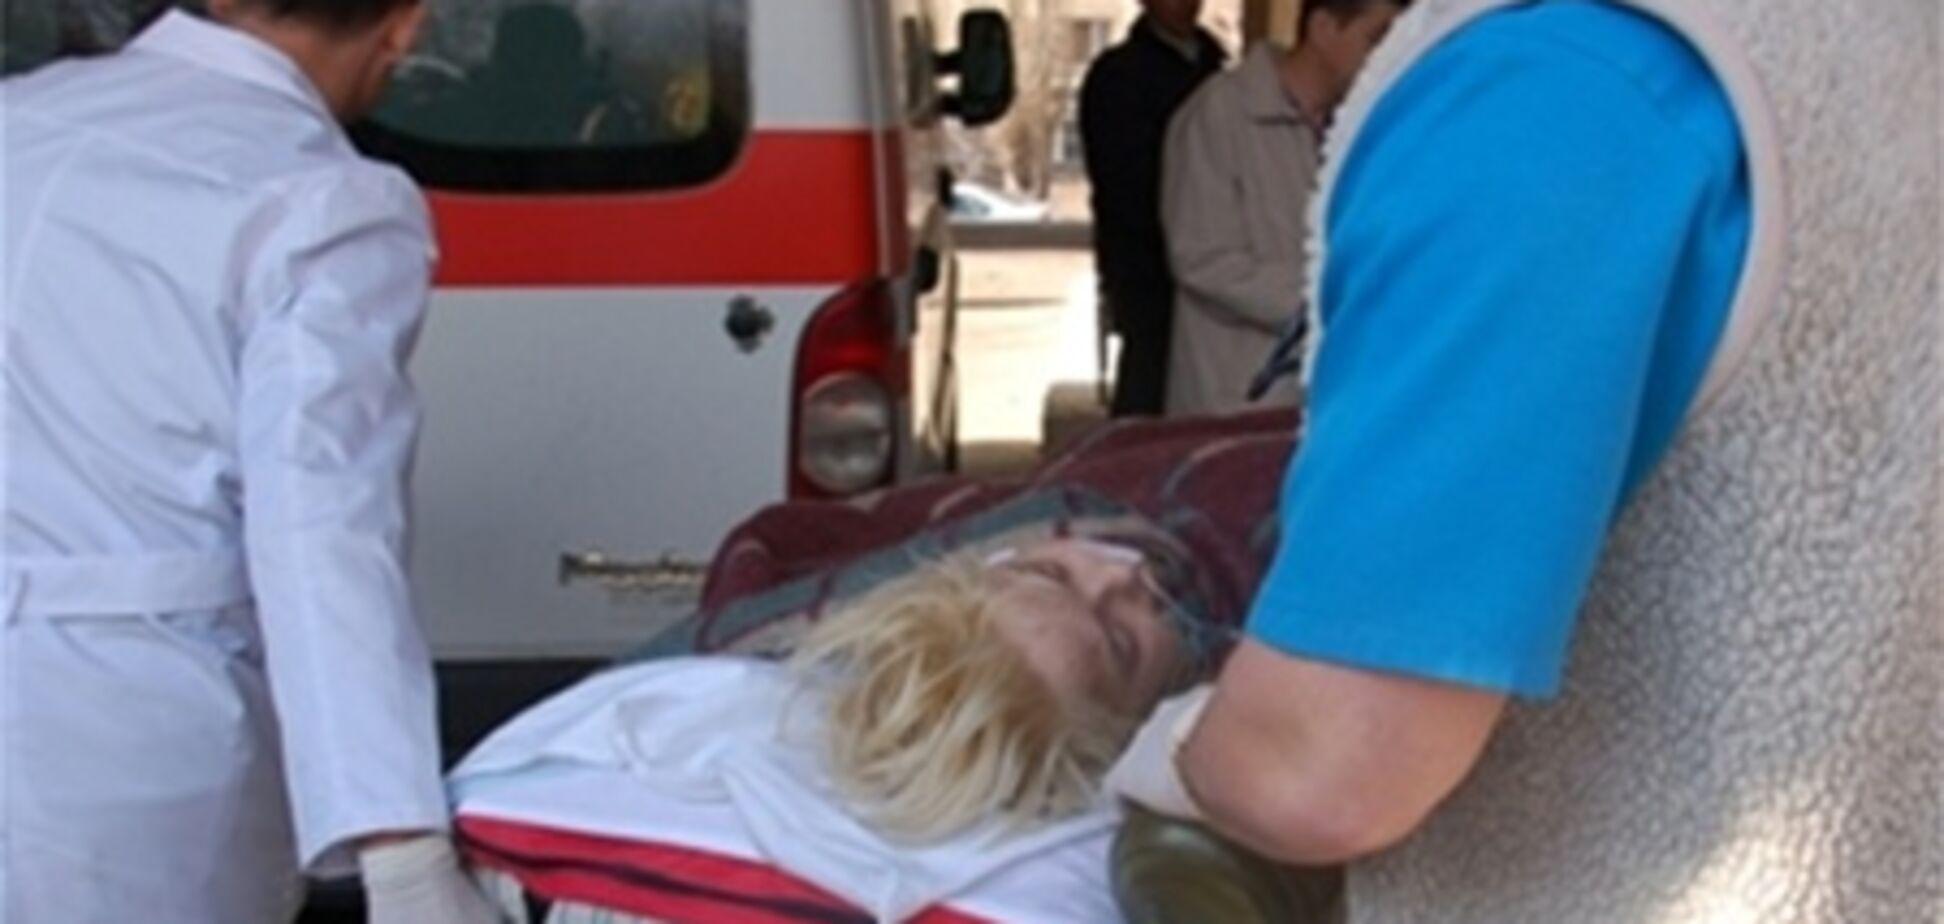 Оксана Макар була підключена до справного обладнанню - медики